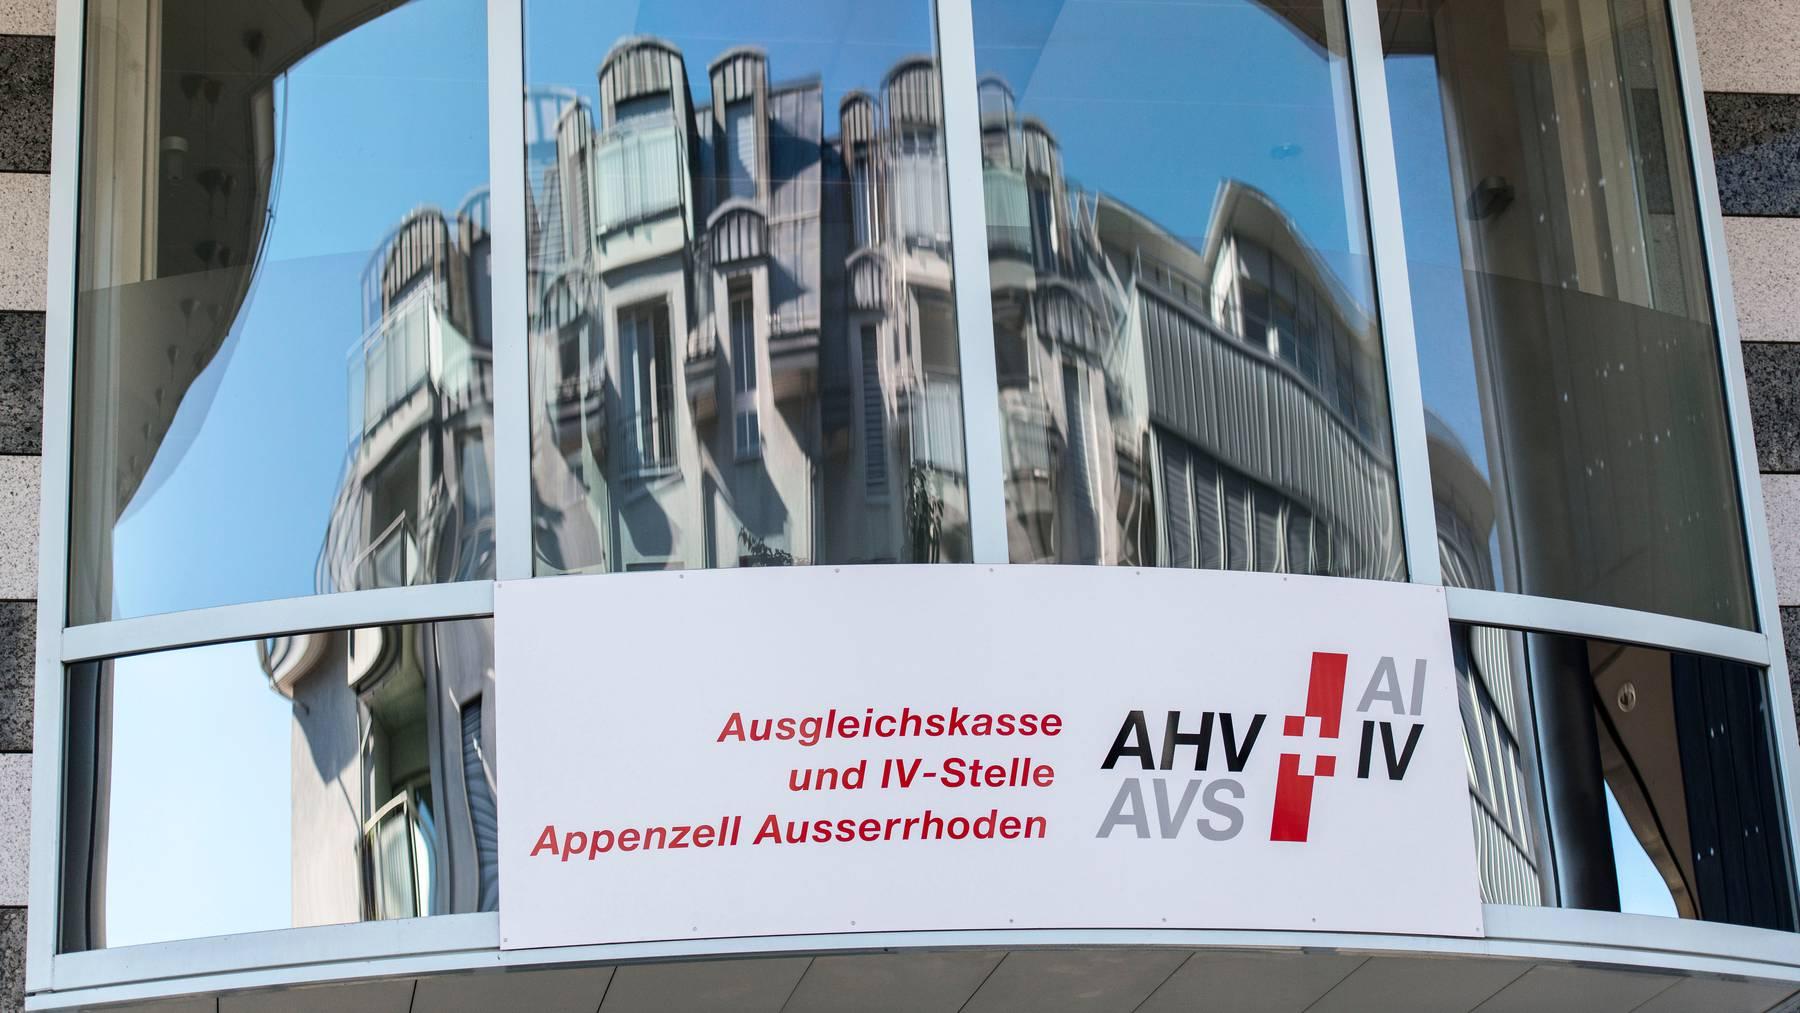 Die Fassade der Ausgleichskasse Appenzell Ausserrhoden.